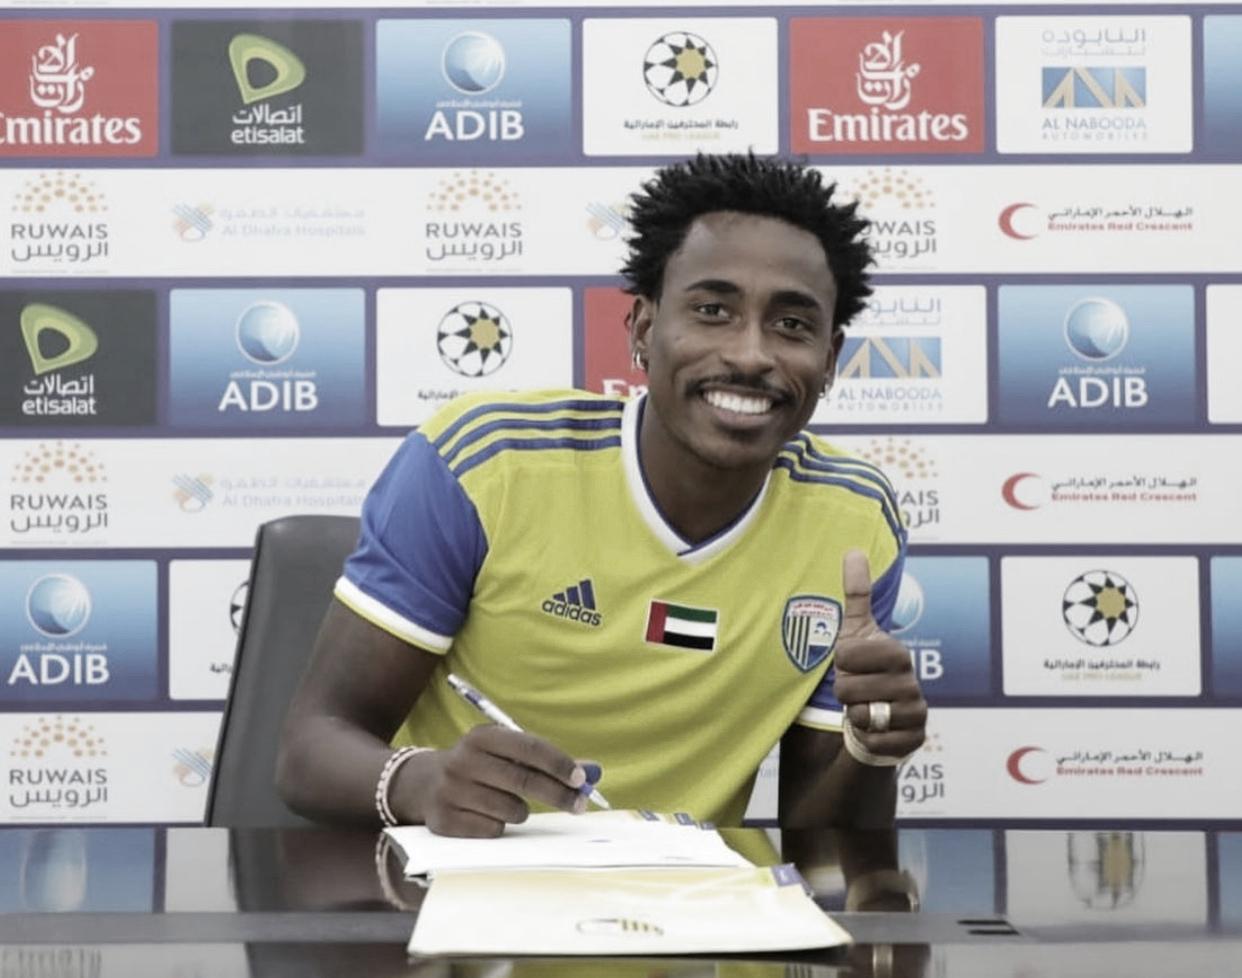 Após passagem em Portugal, atacante Denilson retorna ao futebol árabe e assina vínculo com Al Dhafra